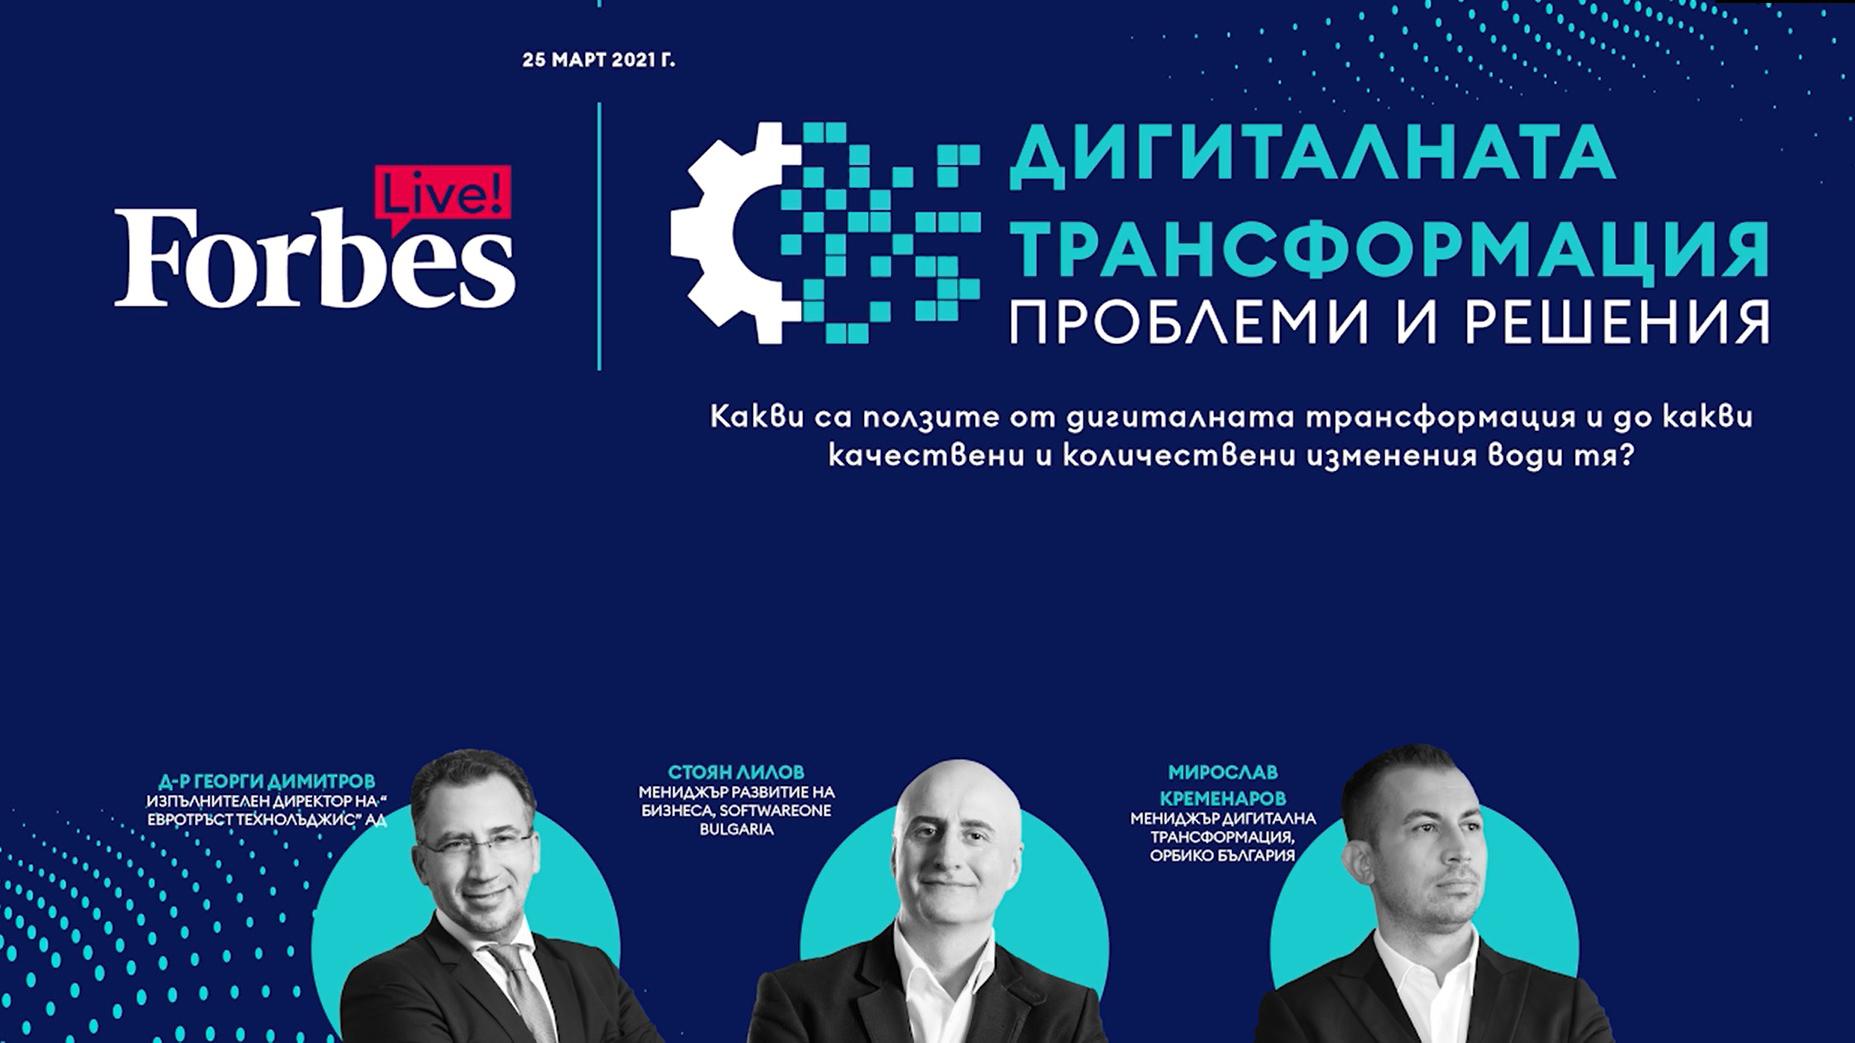 Forbes Live! Дигиталната трансформация: проблеми и решения